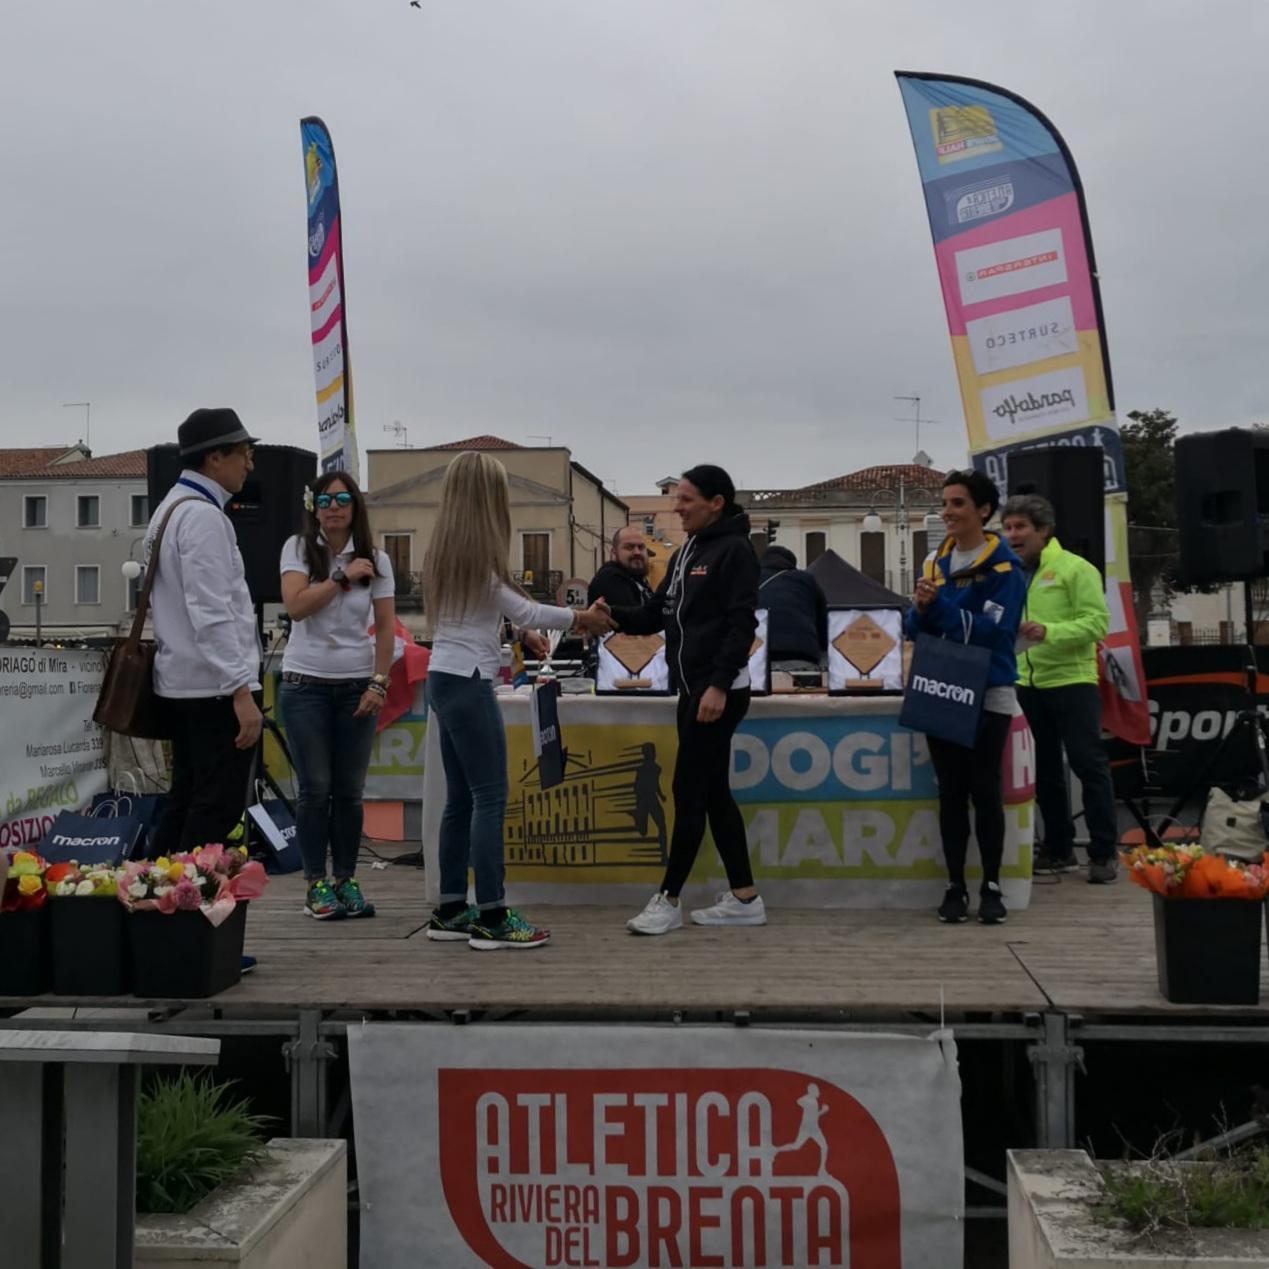 premiazioni_maratonina_dogi.jpg